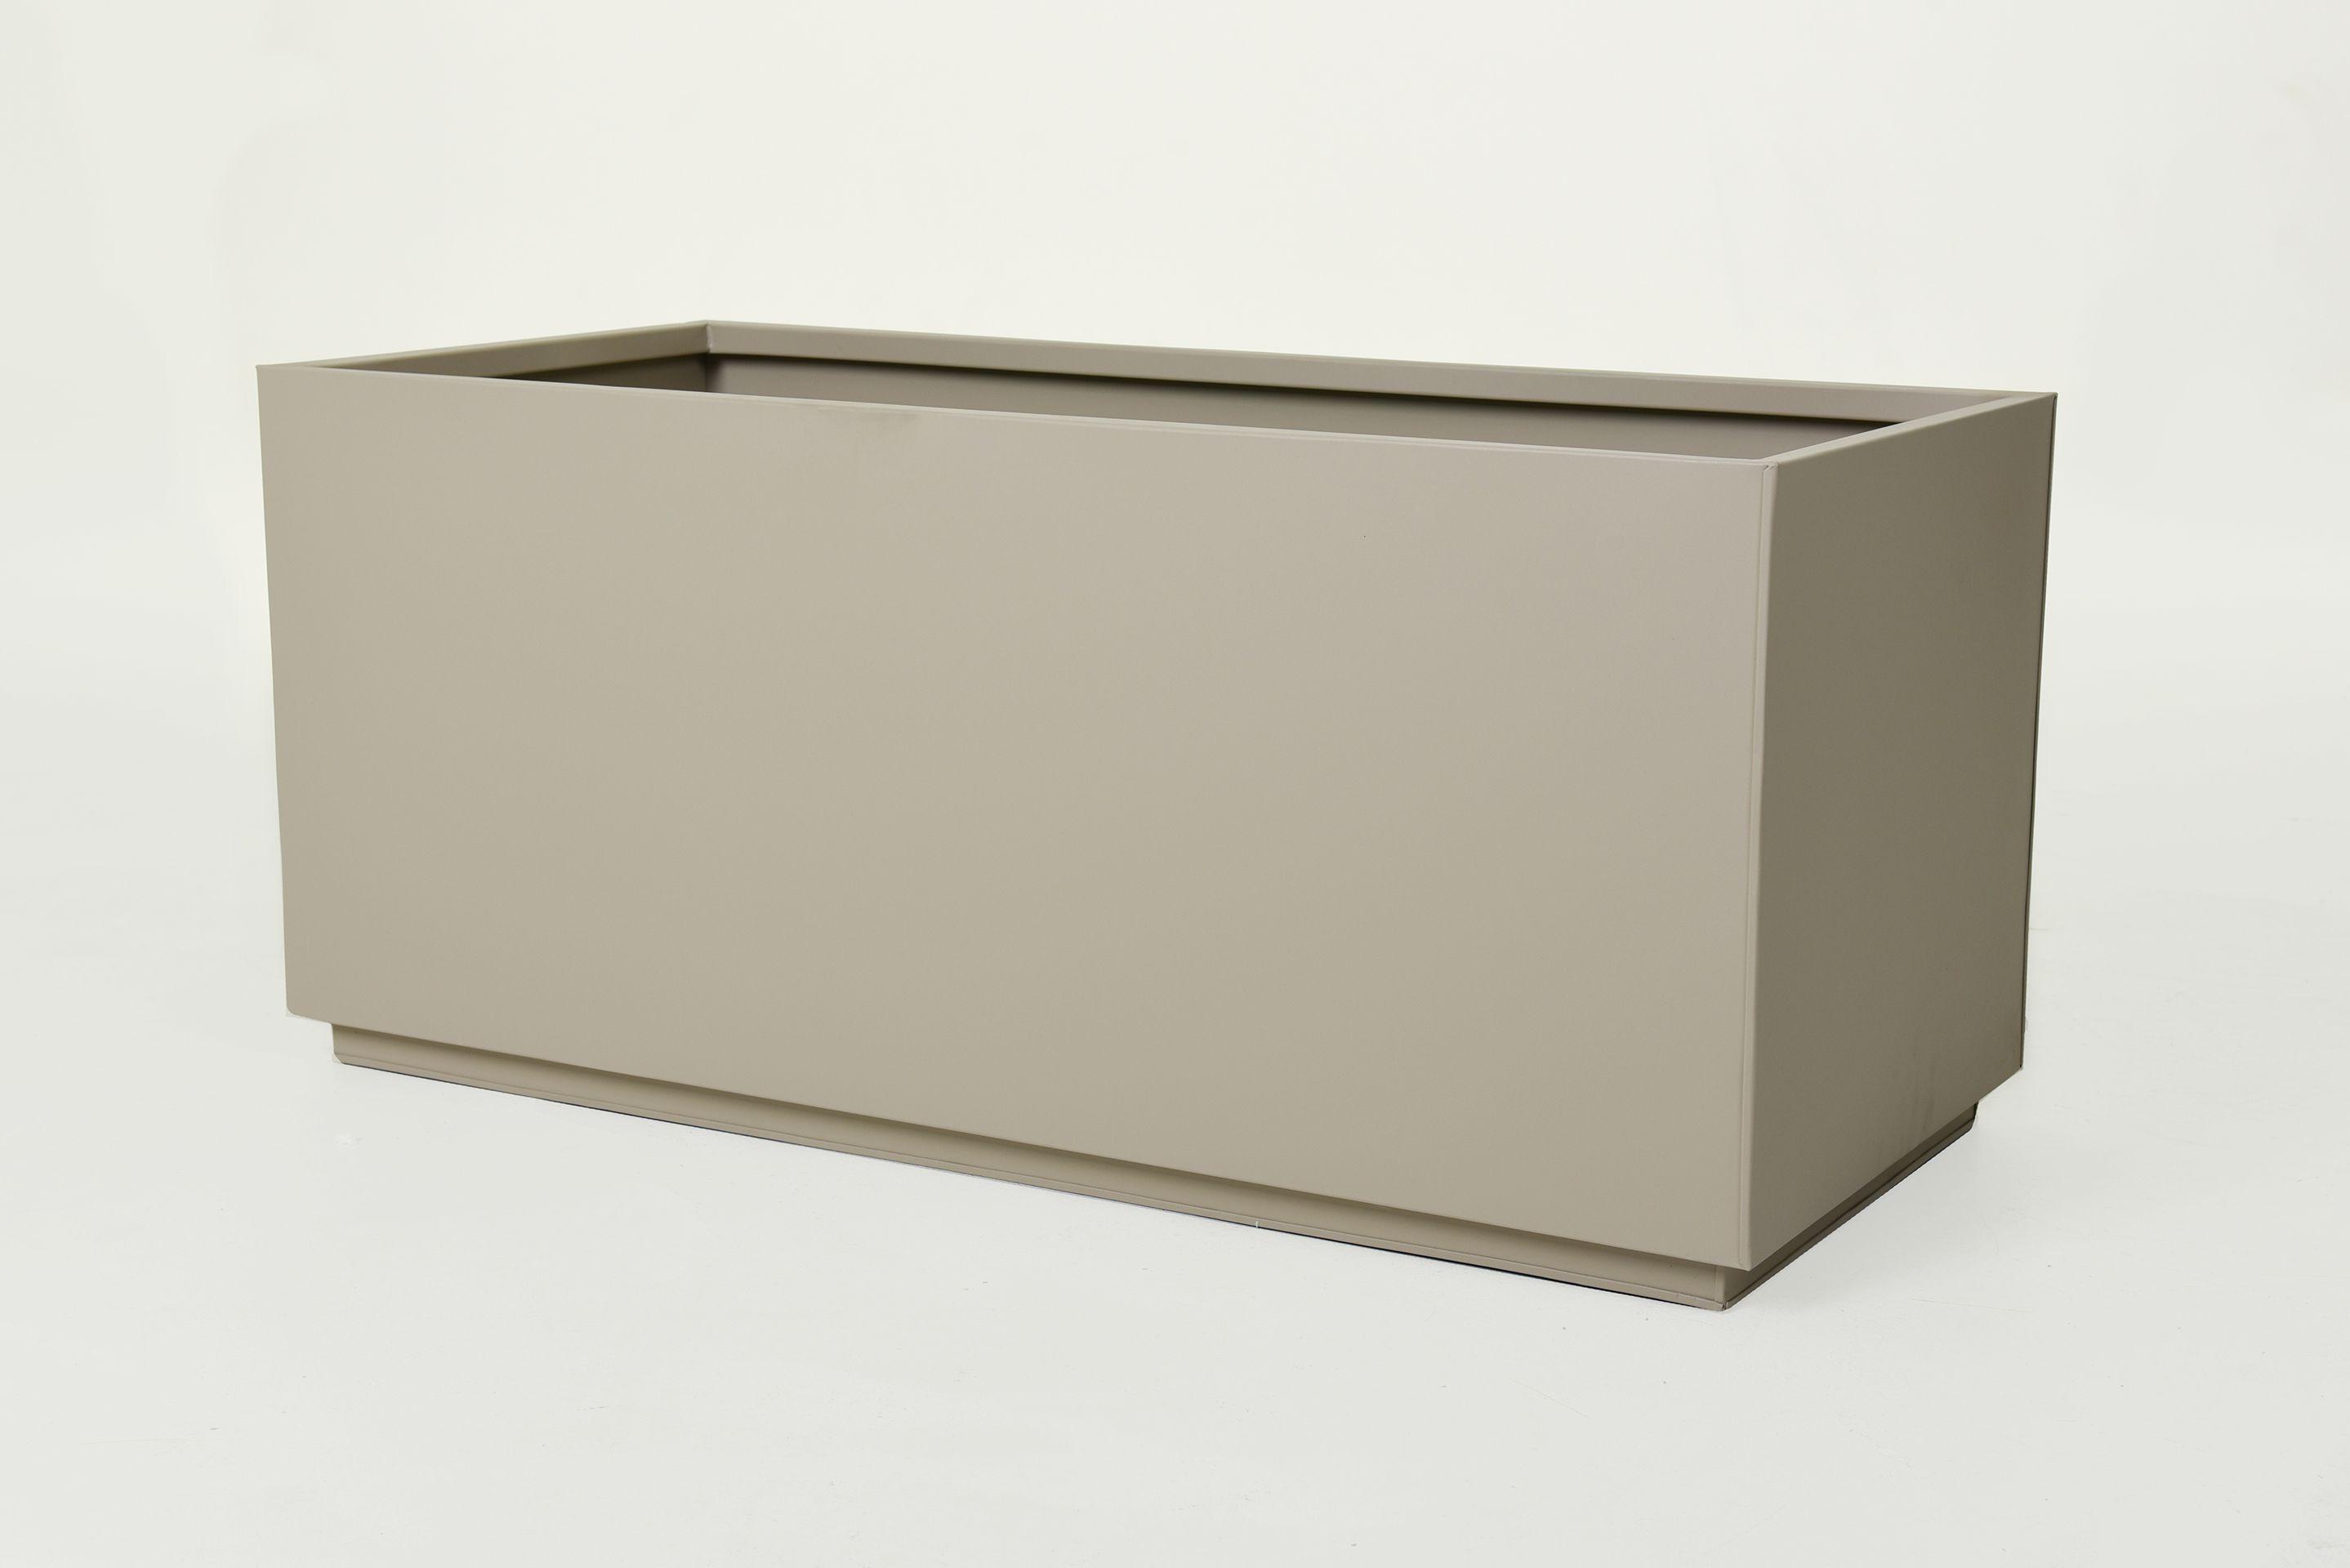 Pflanzkubel Pflanztrog Hochbeet Maxi 100 Cm Pulverb